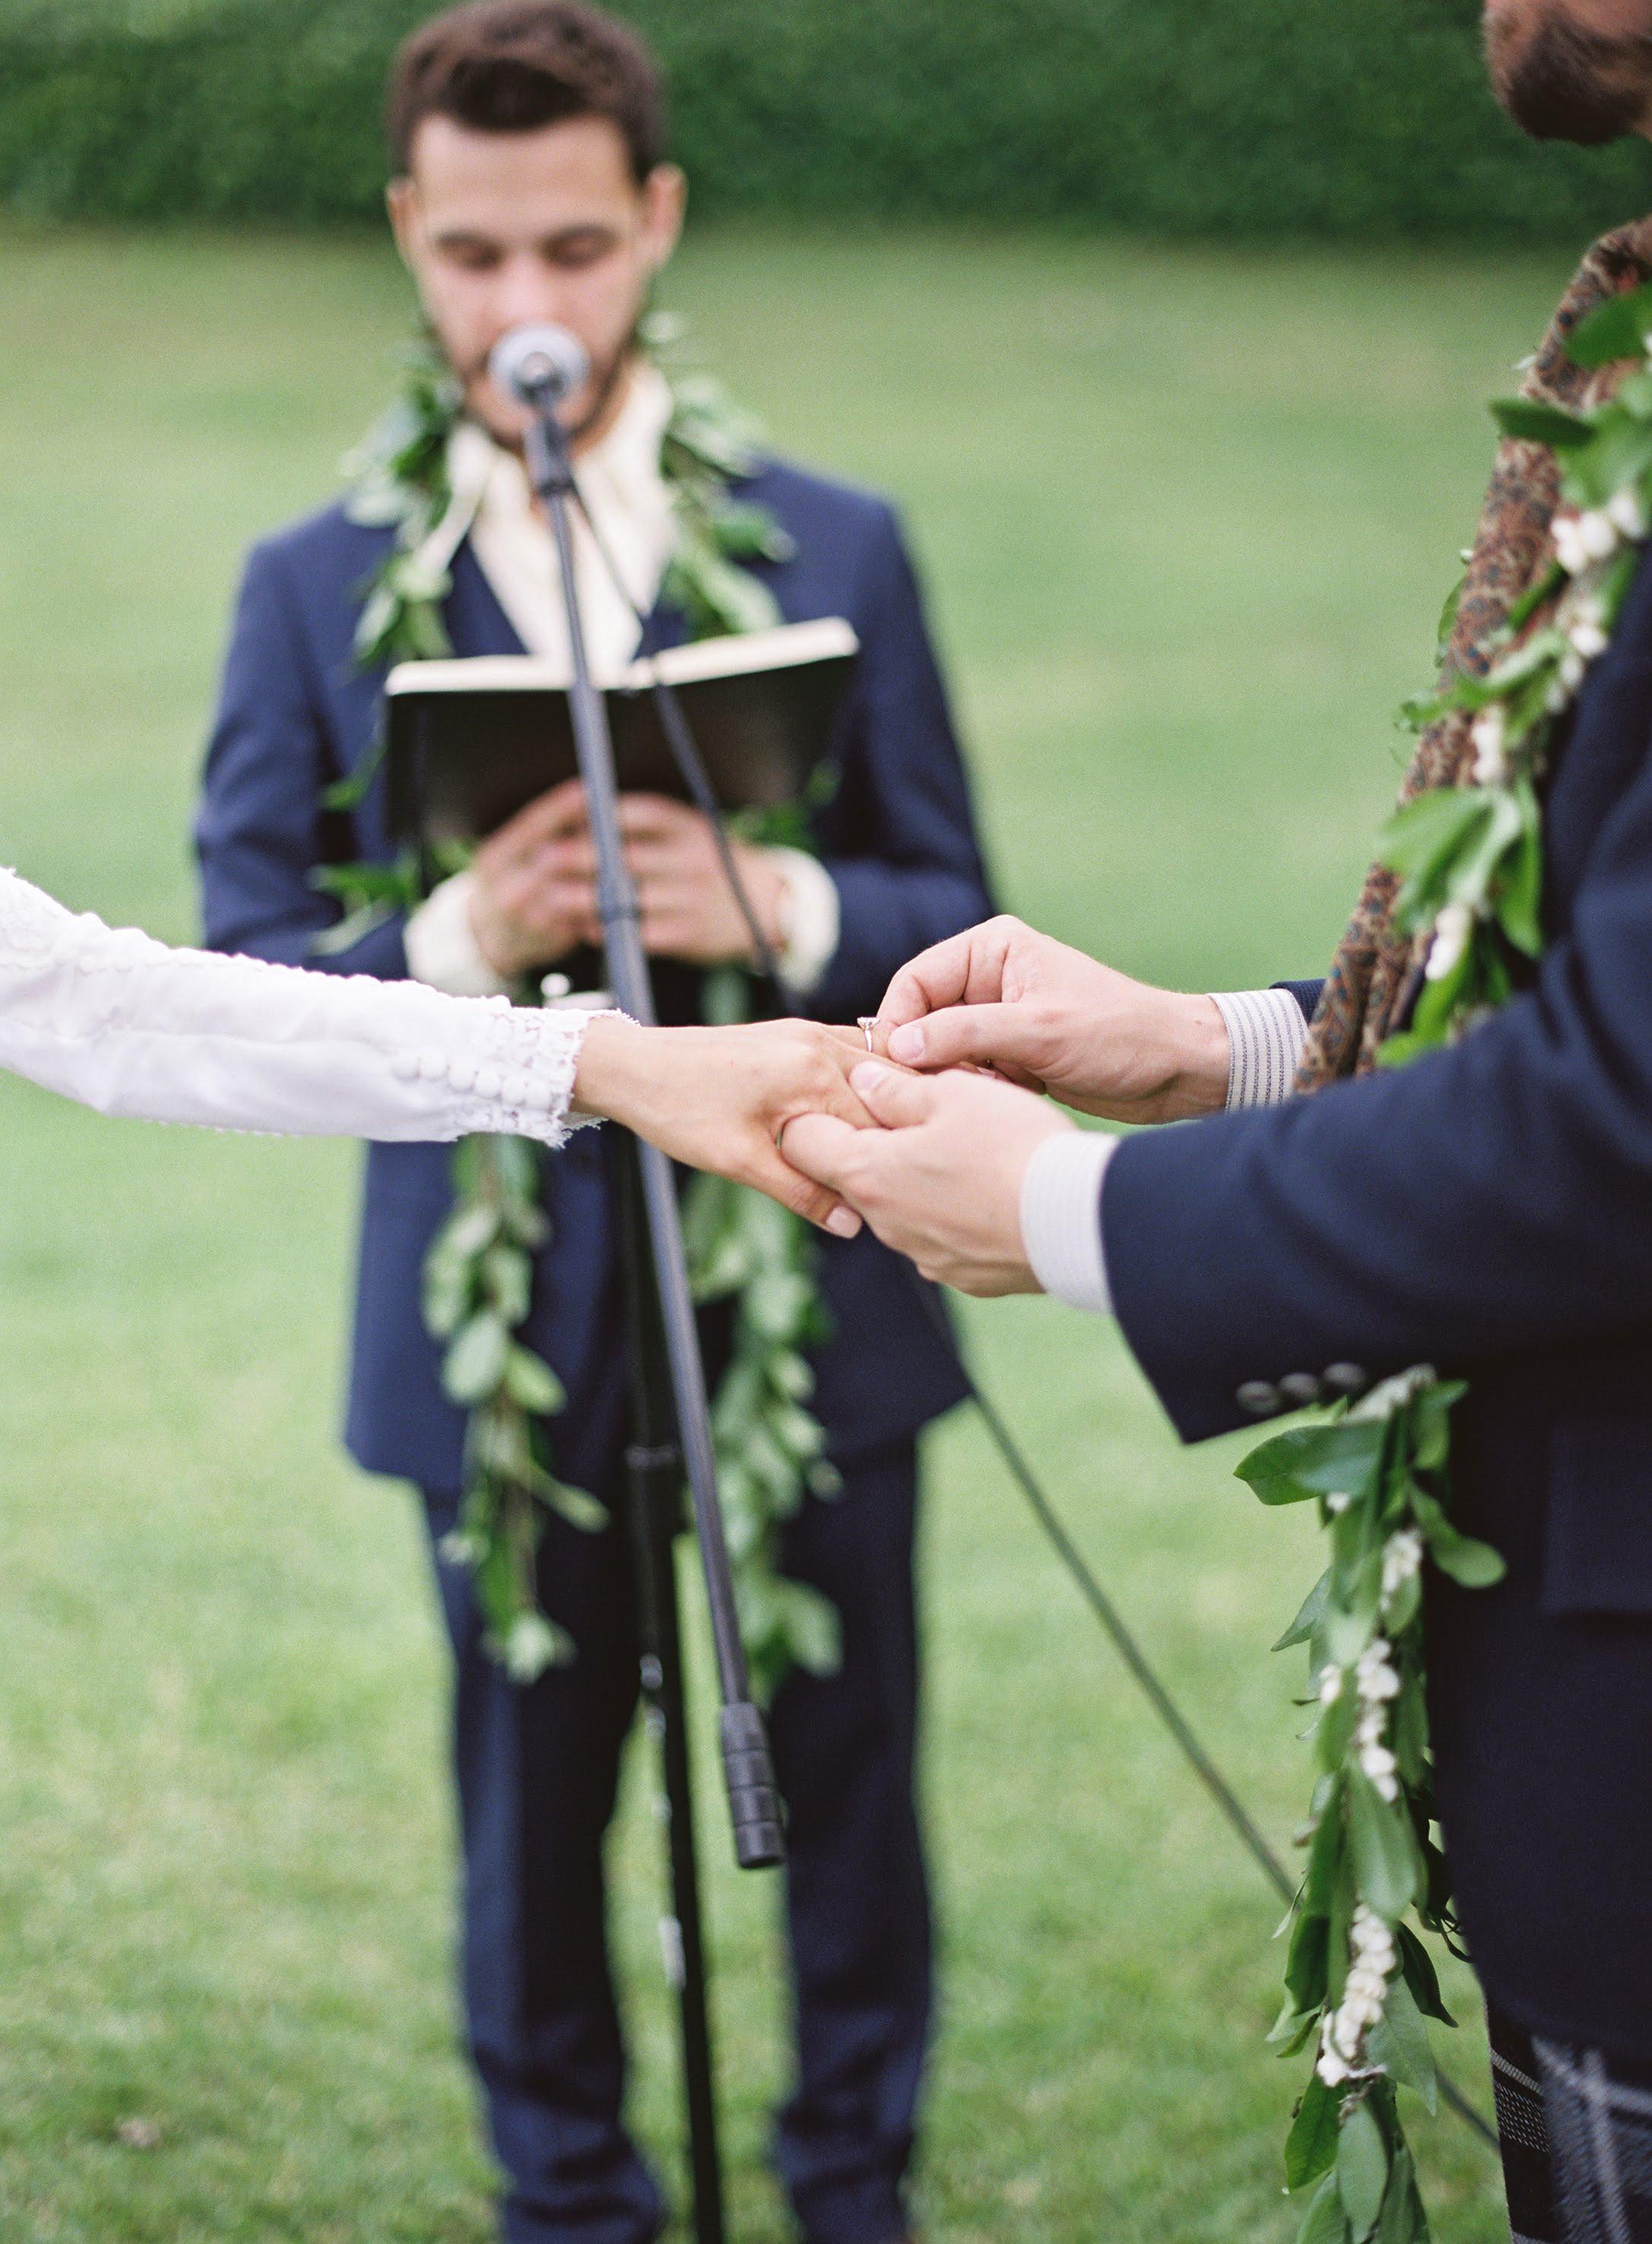 Groom slides ring onto bride's finger